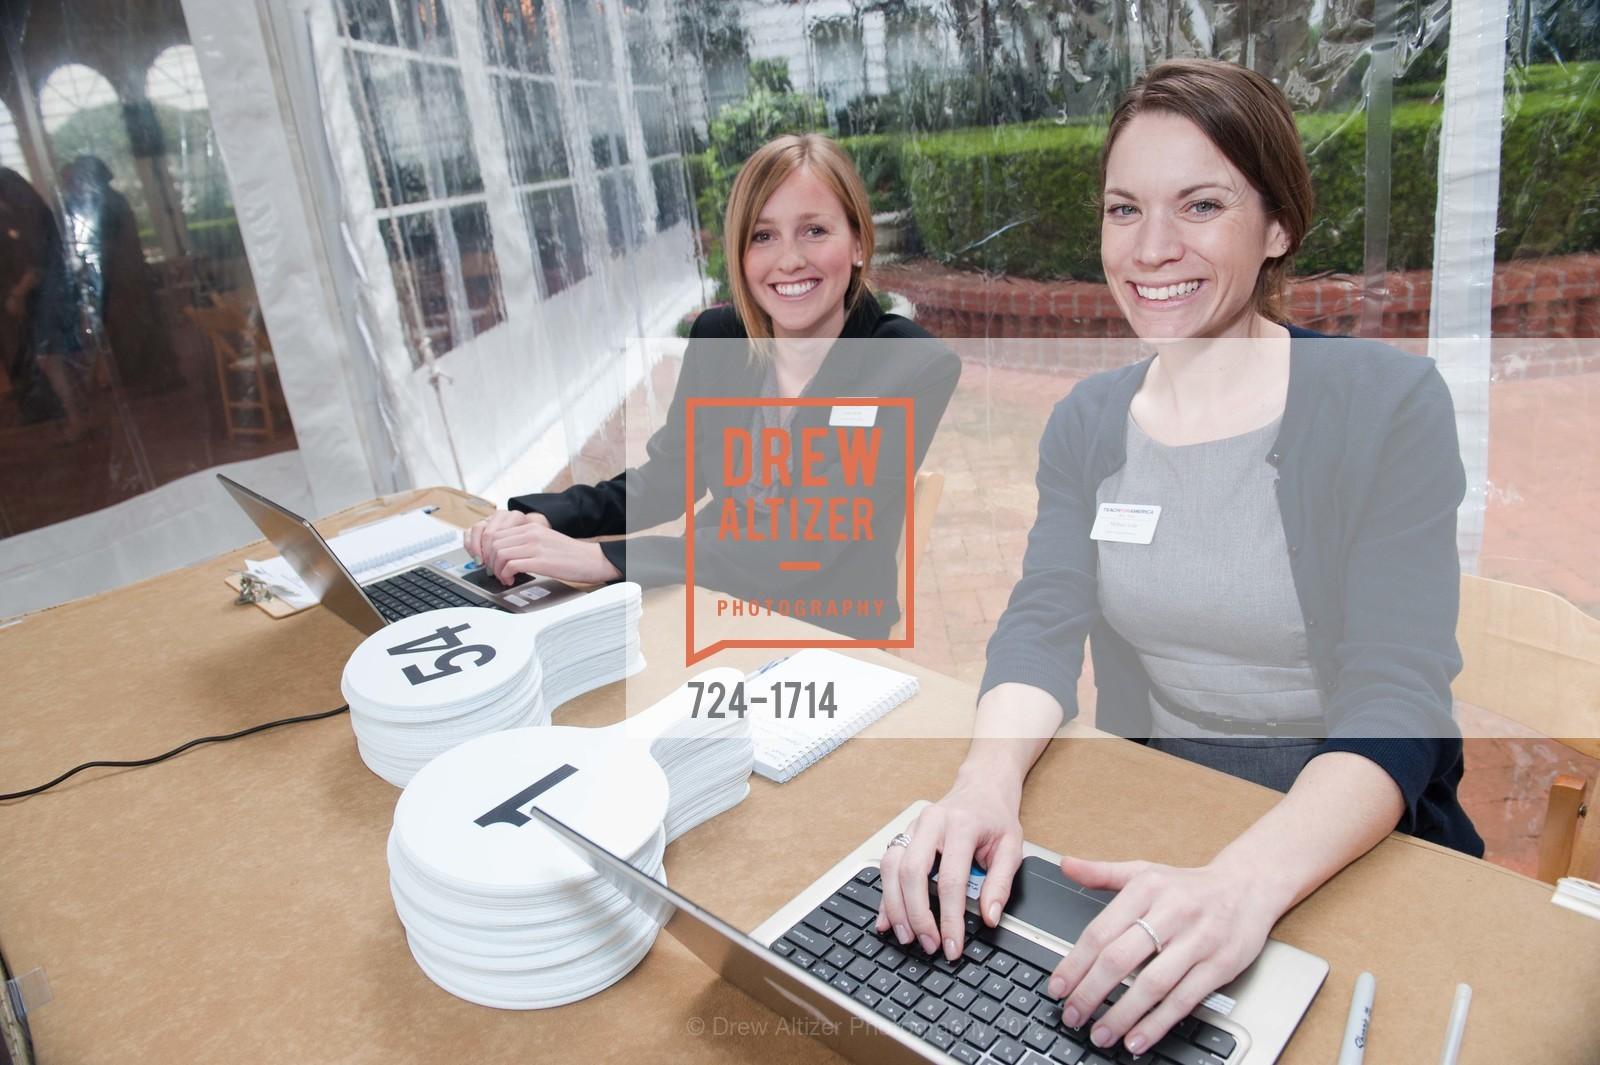 Ann Wylde, Melissa Avila, Photo #724-1714